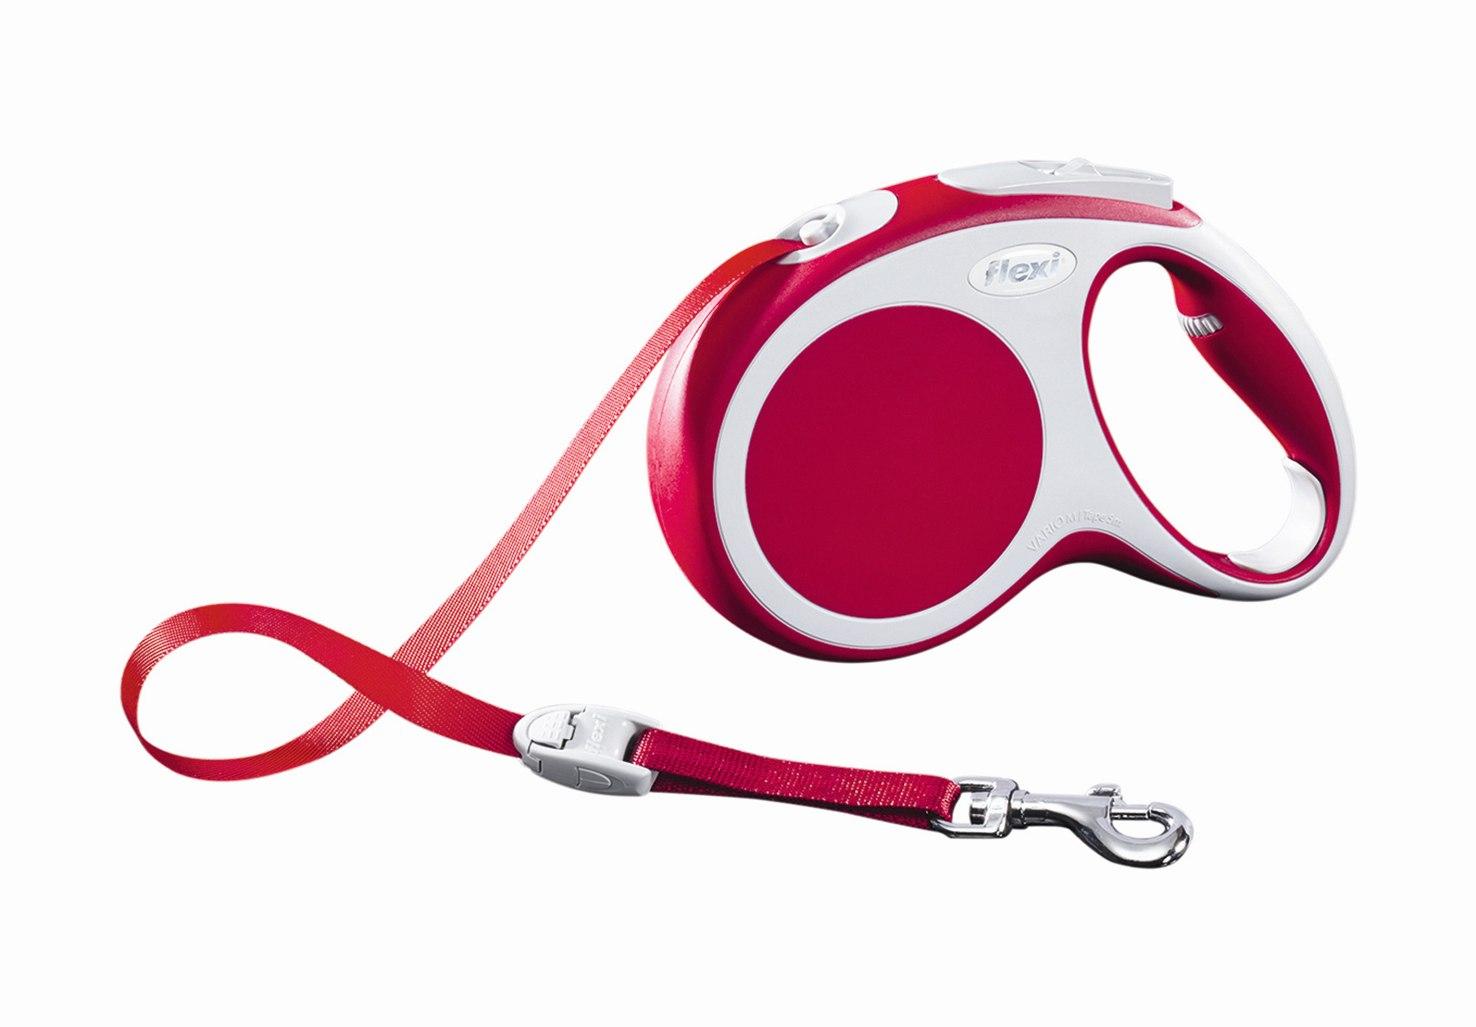 Поводок-рулетка Flexi Vario Compact М для собак до 25 кг, цвет: красный, 5 м0120710Поводок-рулетка Flexi Vario Compact М изготовлен из пластика и нейлона. Ленточный поводок обеспечивает каждой собаке свободу движения, что идет на пользу здоровью и радует вашего четвероногого друга. Рулетка очень проста в использовании, оснащена кнопками кратковременной и постоянной фиксации. Ее можно оснастить - мультибоксом для лакомств или пакетиков для сбора фекалий, LED подсветкой корпуса, своркой или ремнем с LED подсветкой. Поводок имеет прочный корпус, хромированную застежку и светоотражающие элементы.Длина поводка: 5 м. Максимальная нагрузка: 25 кг.Товар сертифицирован.